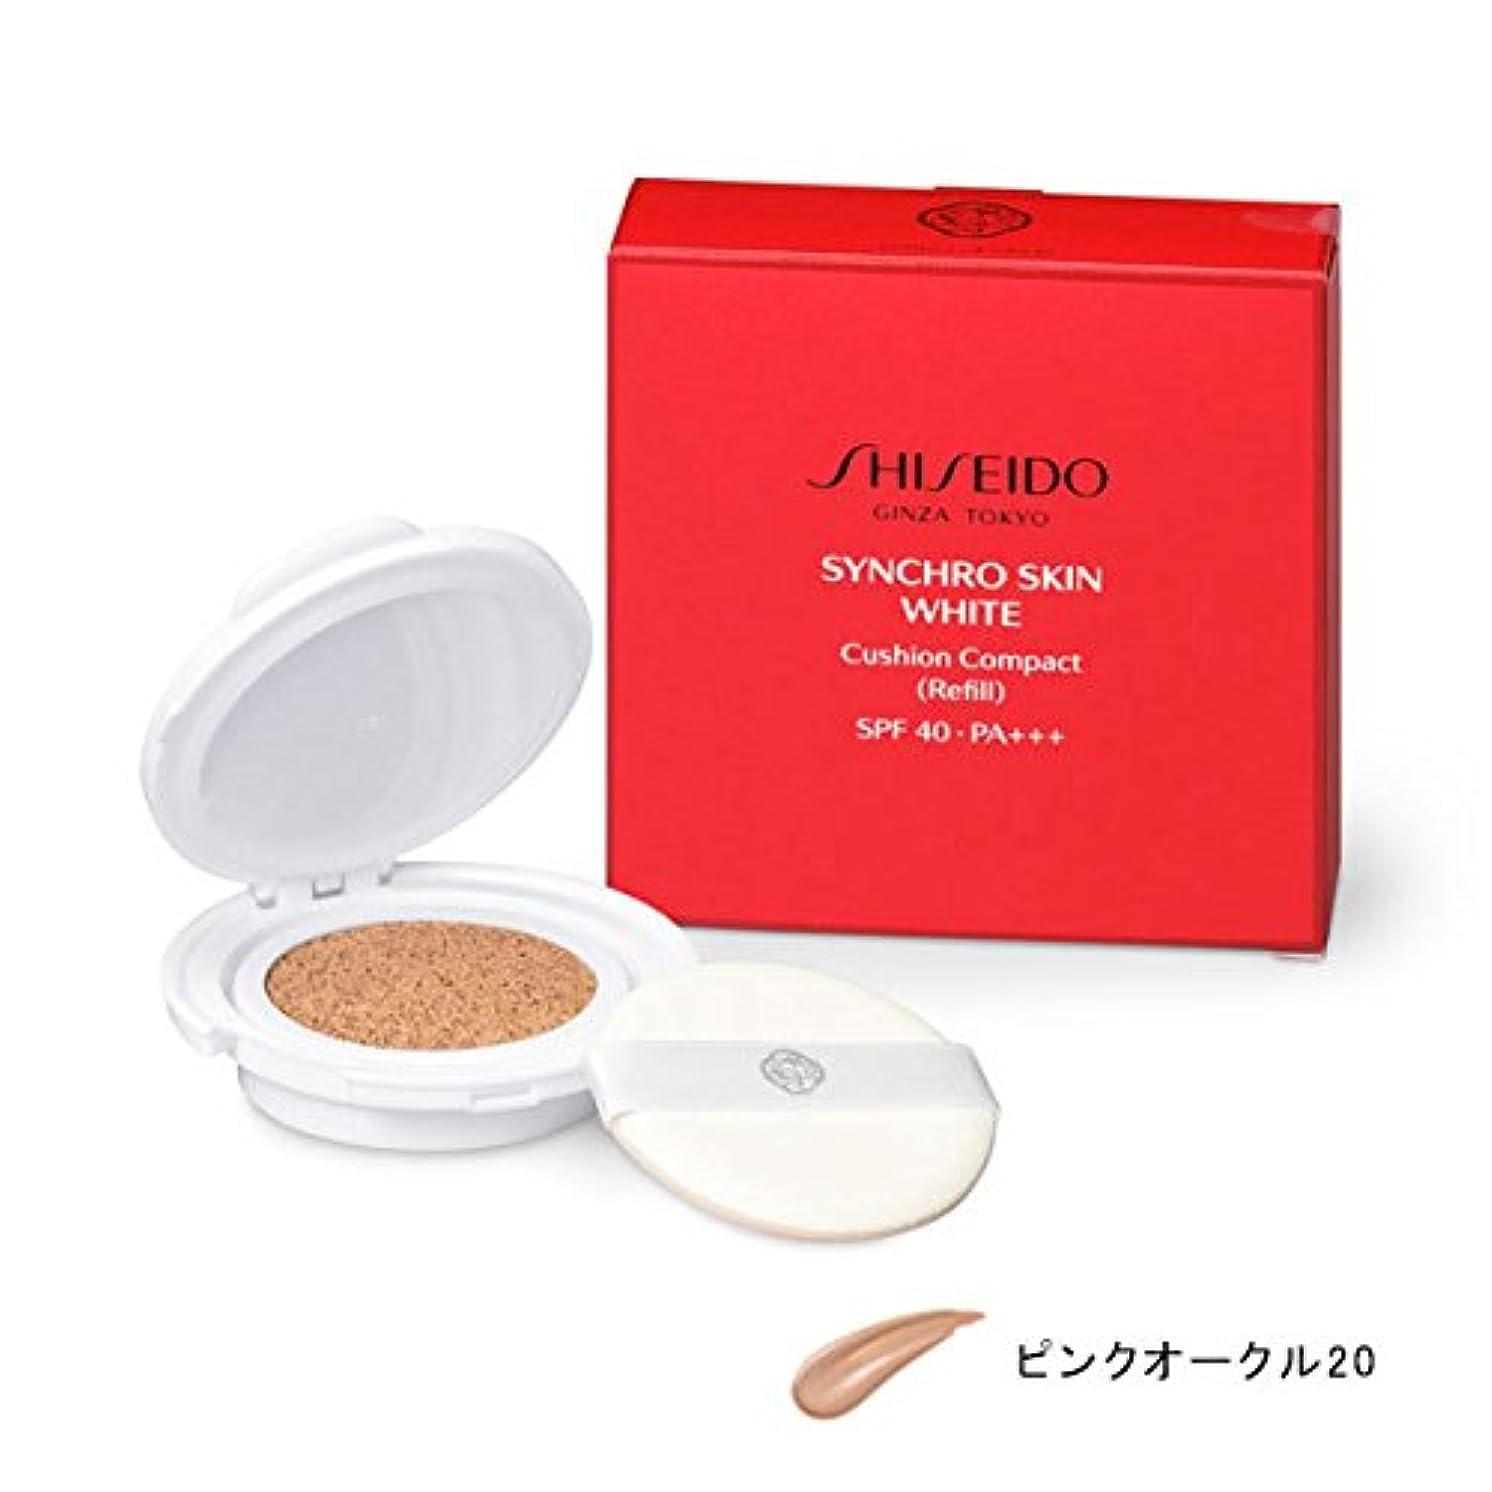 不安ソビエトメーターSHISEIDO Makeup(資生堂 メーキャップ) SHISEIDO(資生堂) シンクロスキン ホワイト クッションコンパクト WT レフィル(医薬部外品) (オークル20)